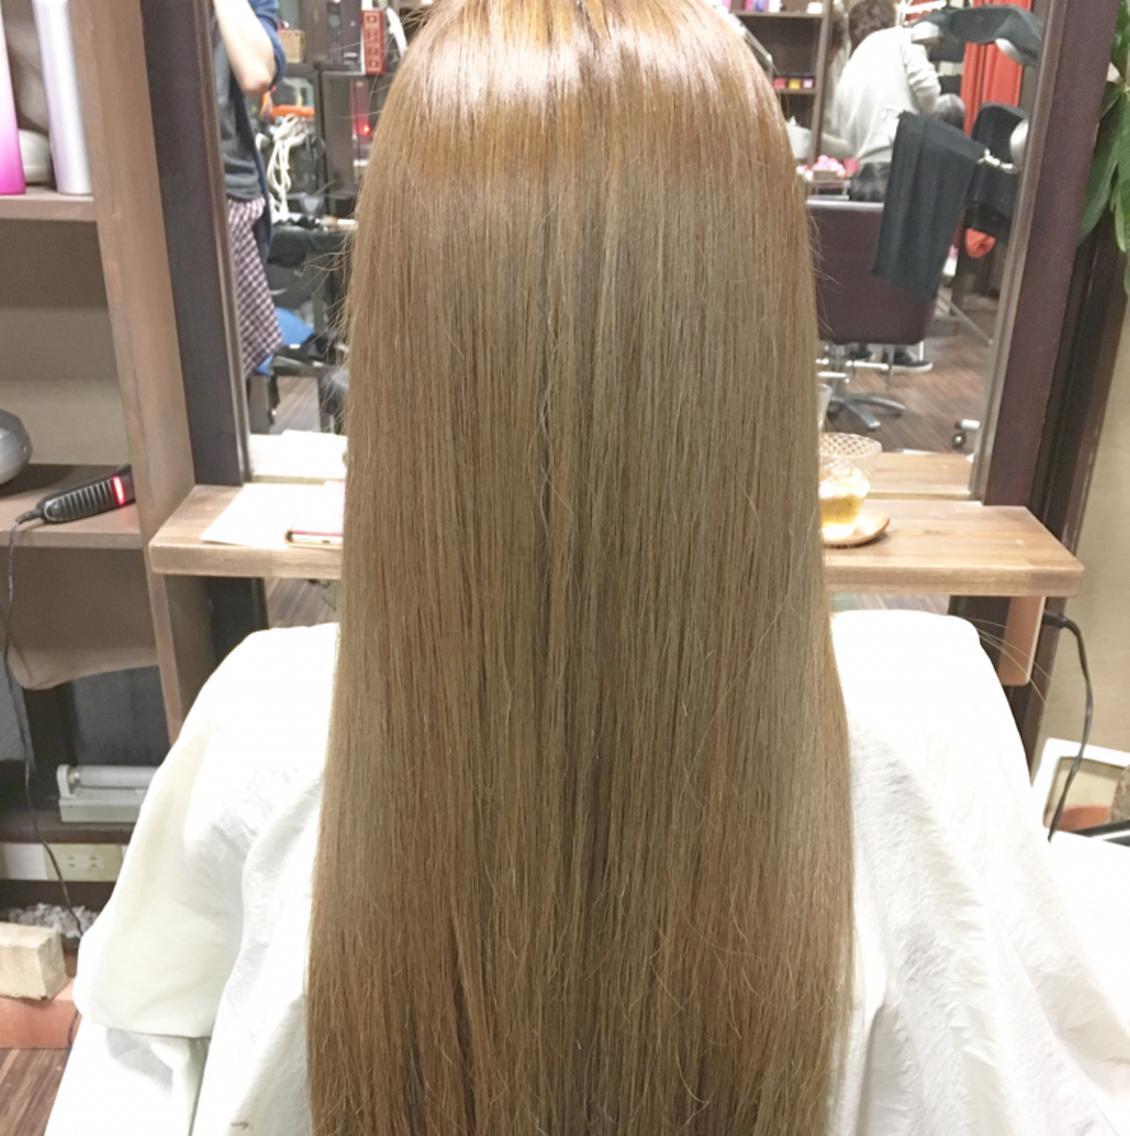 ✨ツヤツヤ✨艶髪縮毛矯正募集(^O^)また冬に向けてのカラーモデルも随時募集中です‼️